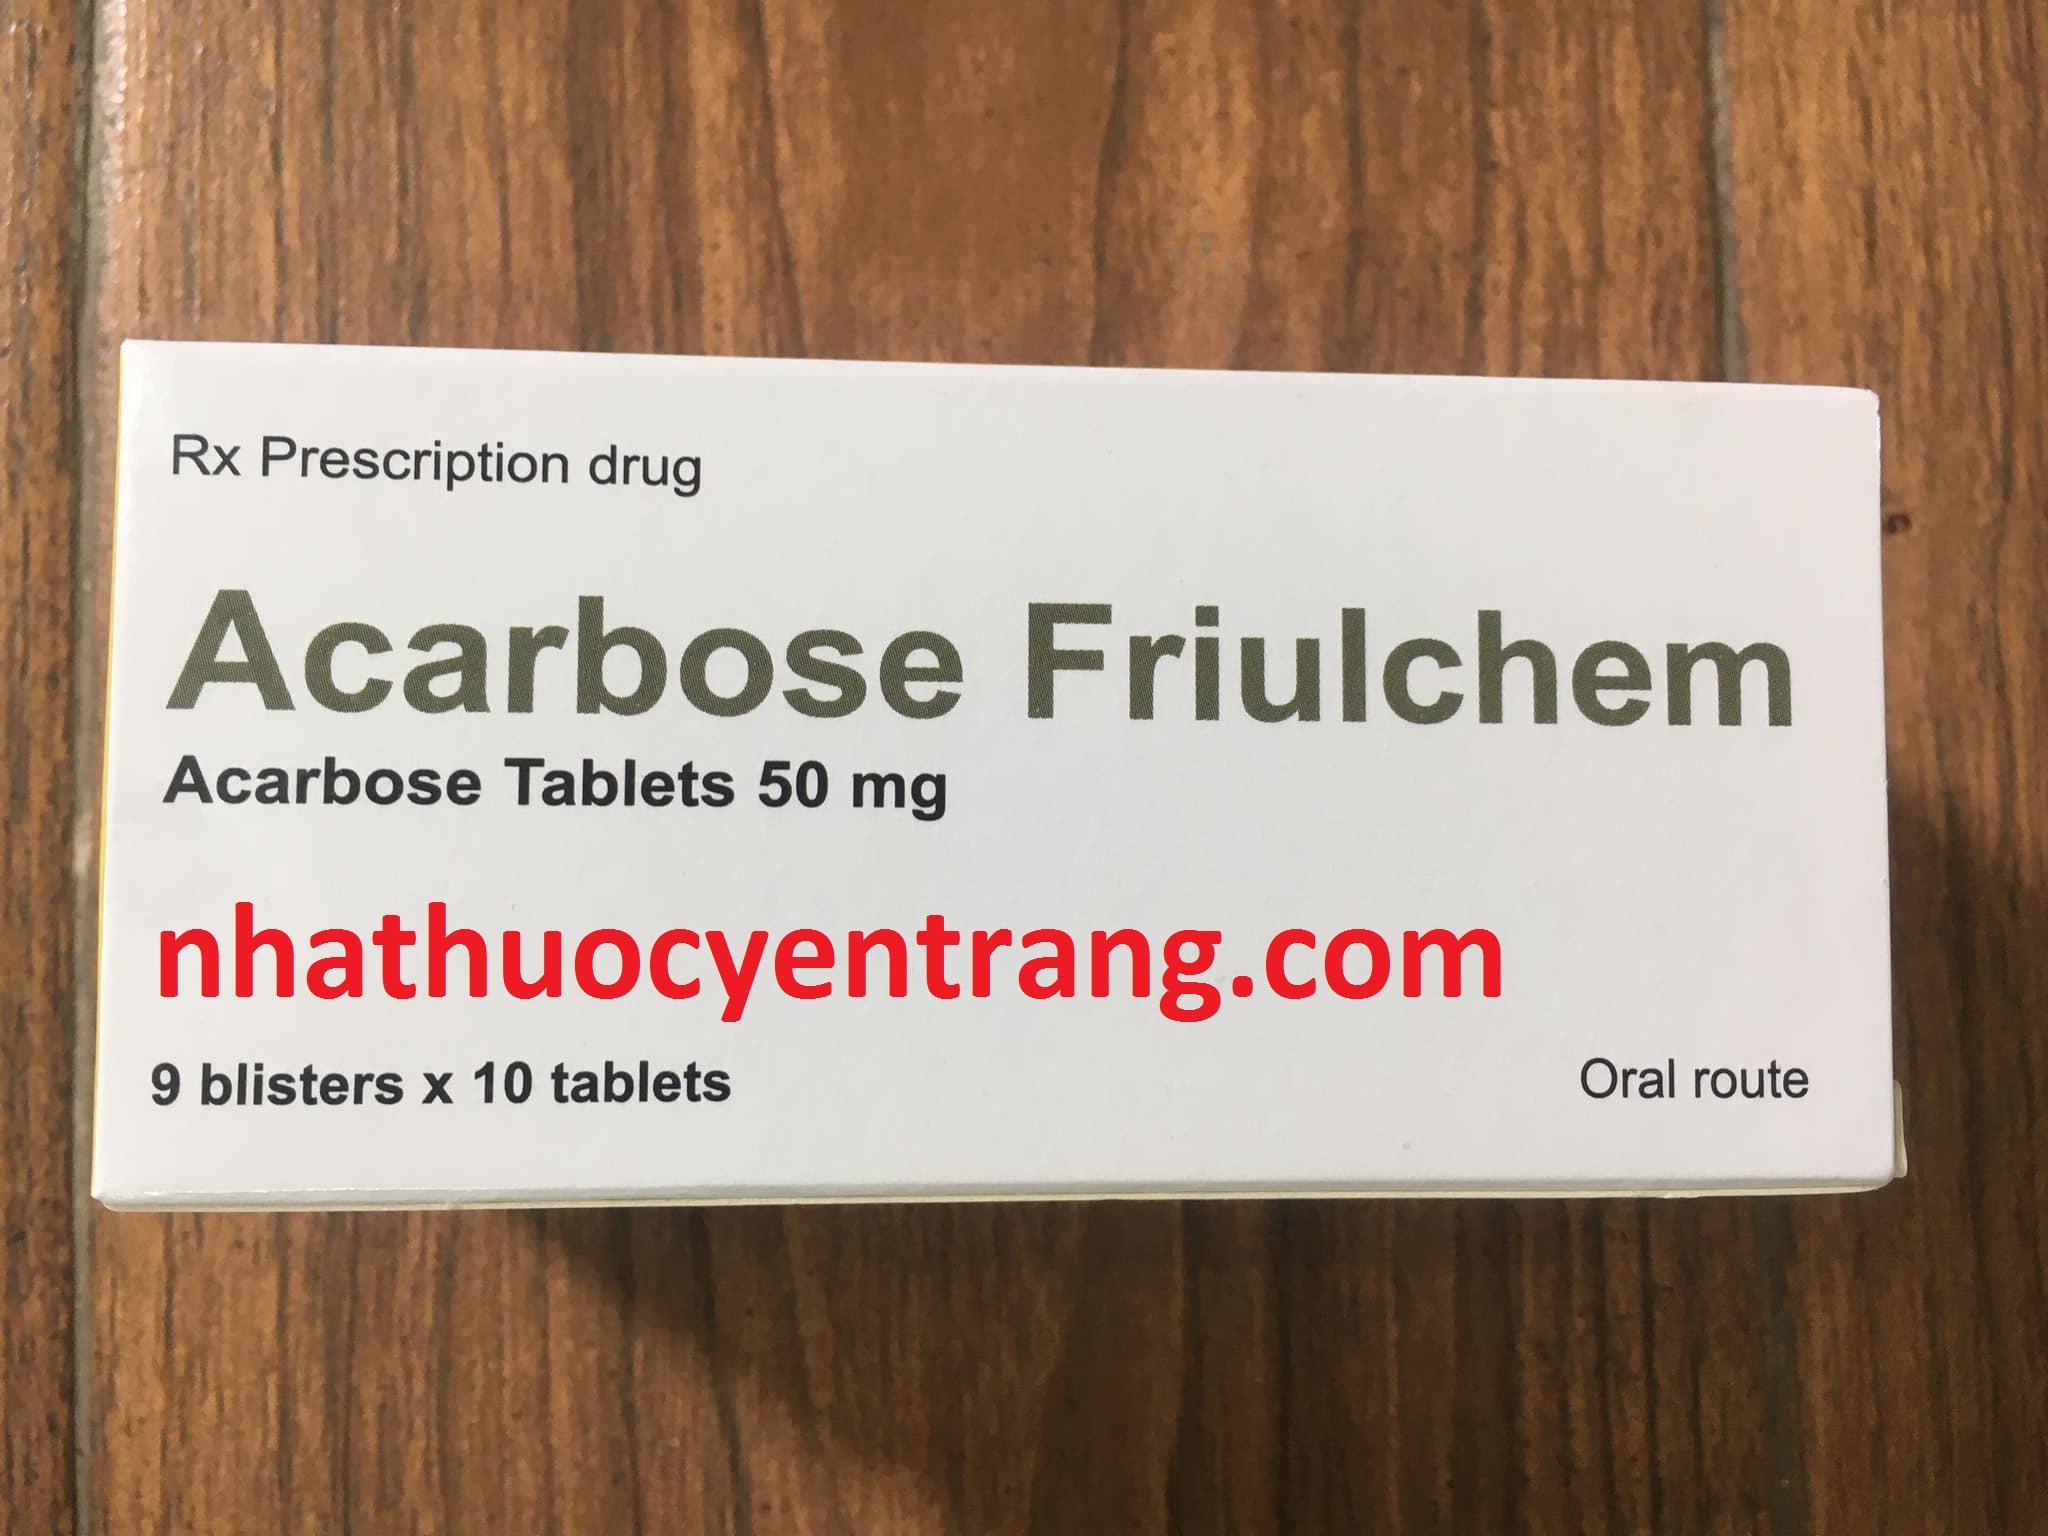 Acarbose Friulchem - T